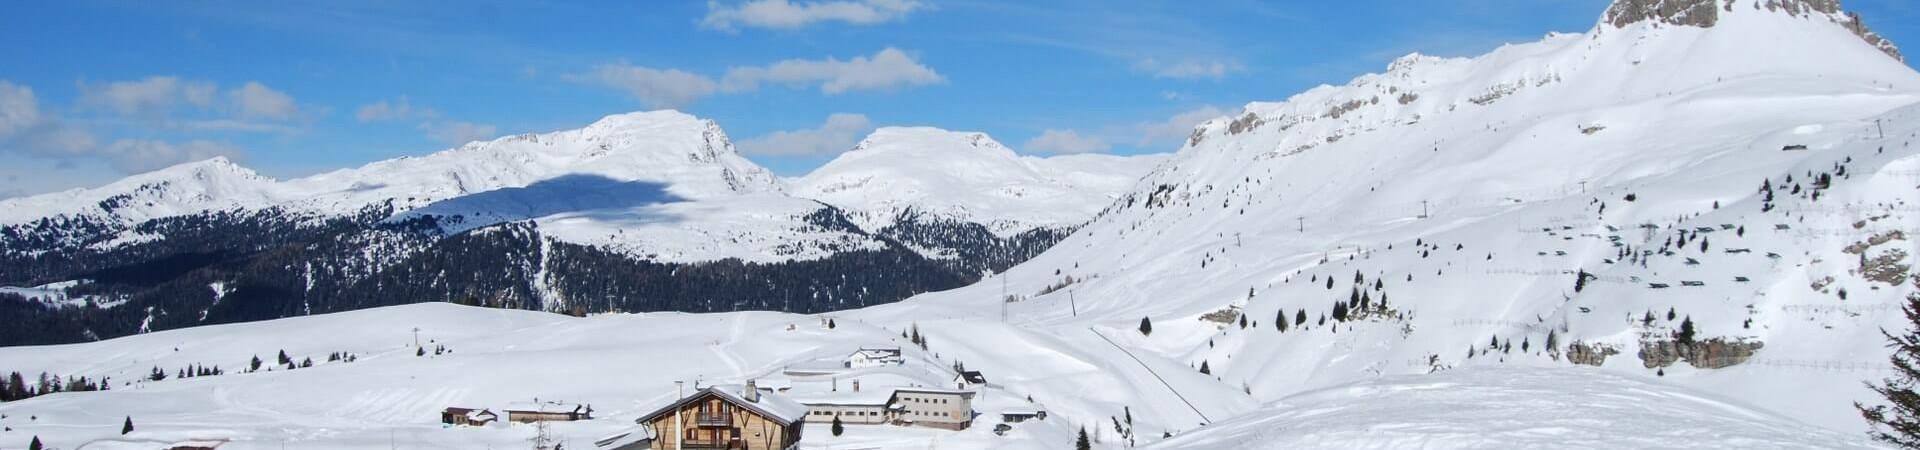 ośrodek narciarski Kronplatz